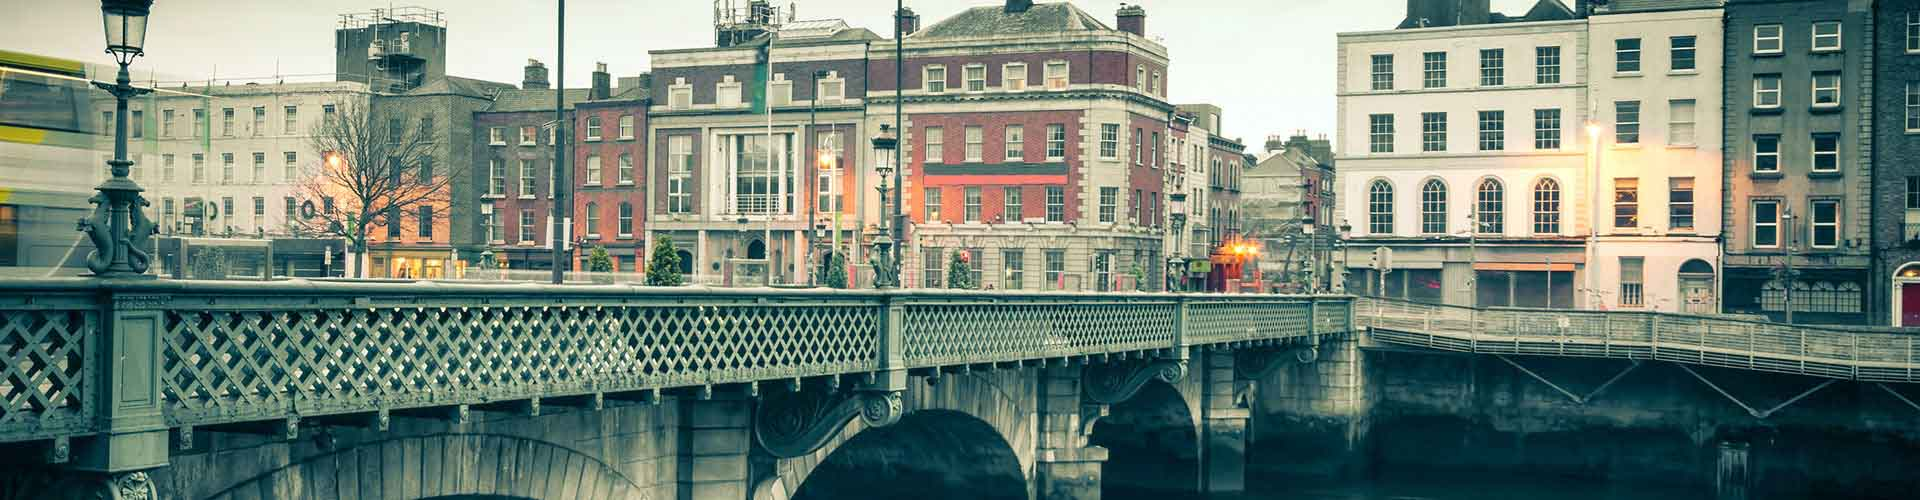 都柏林 – 都柏林 附近的青年旅舍。都柏林地图,都柏林 所有青年旅馆的照片和评分。